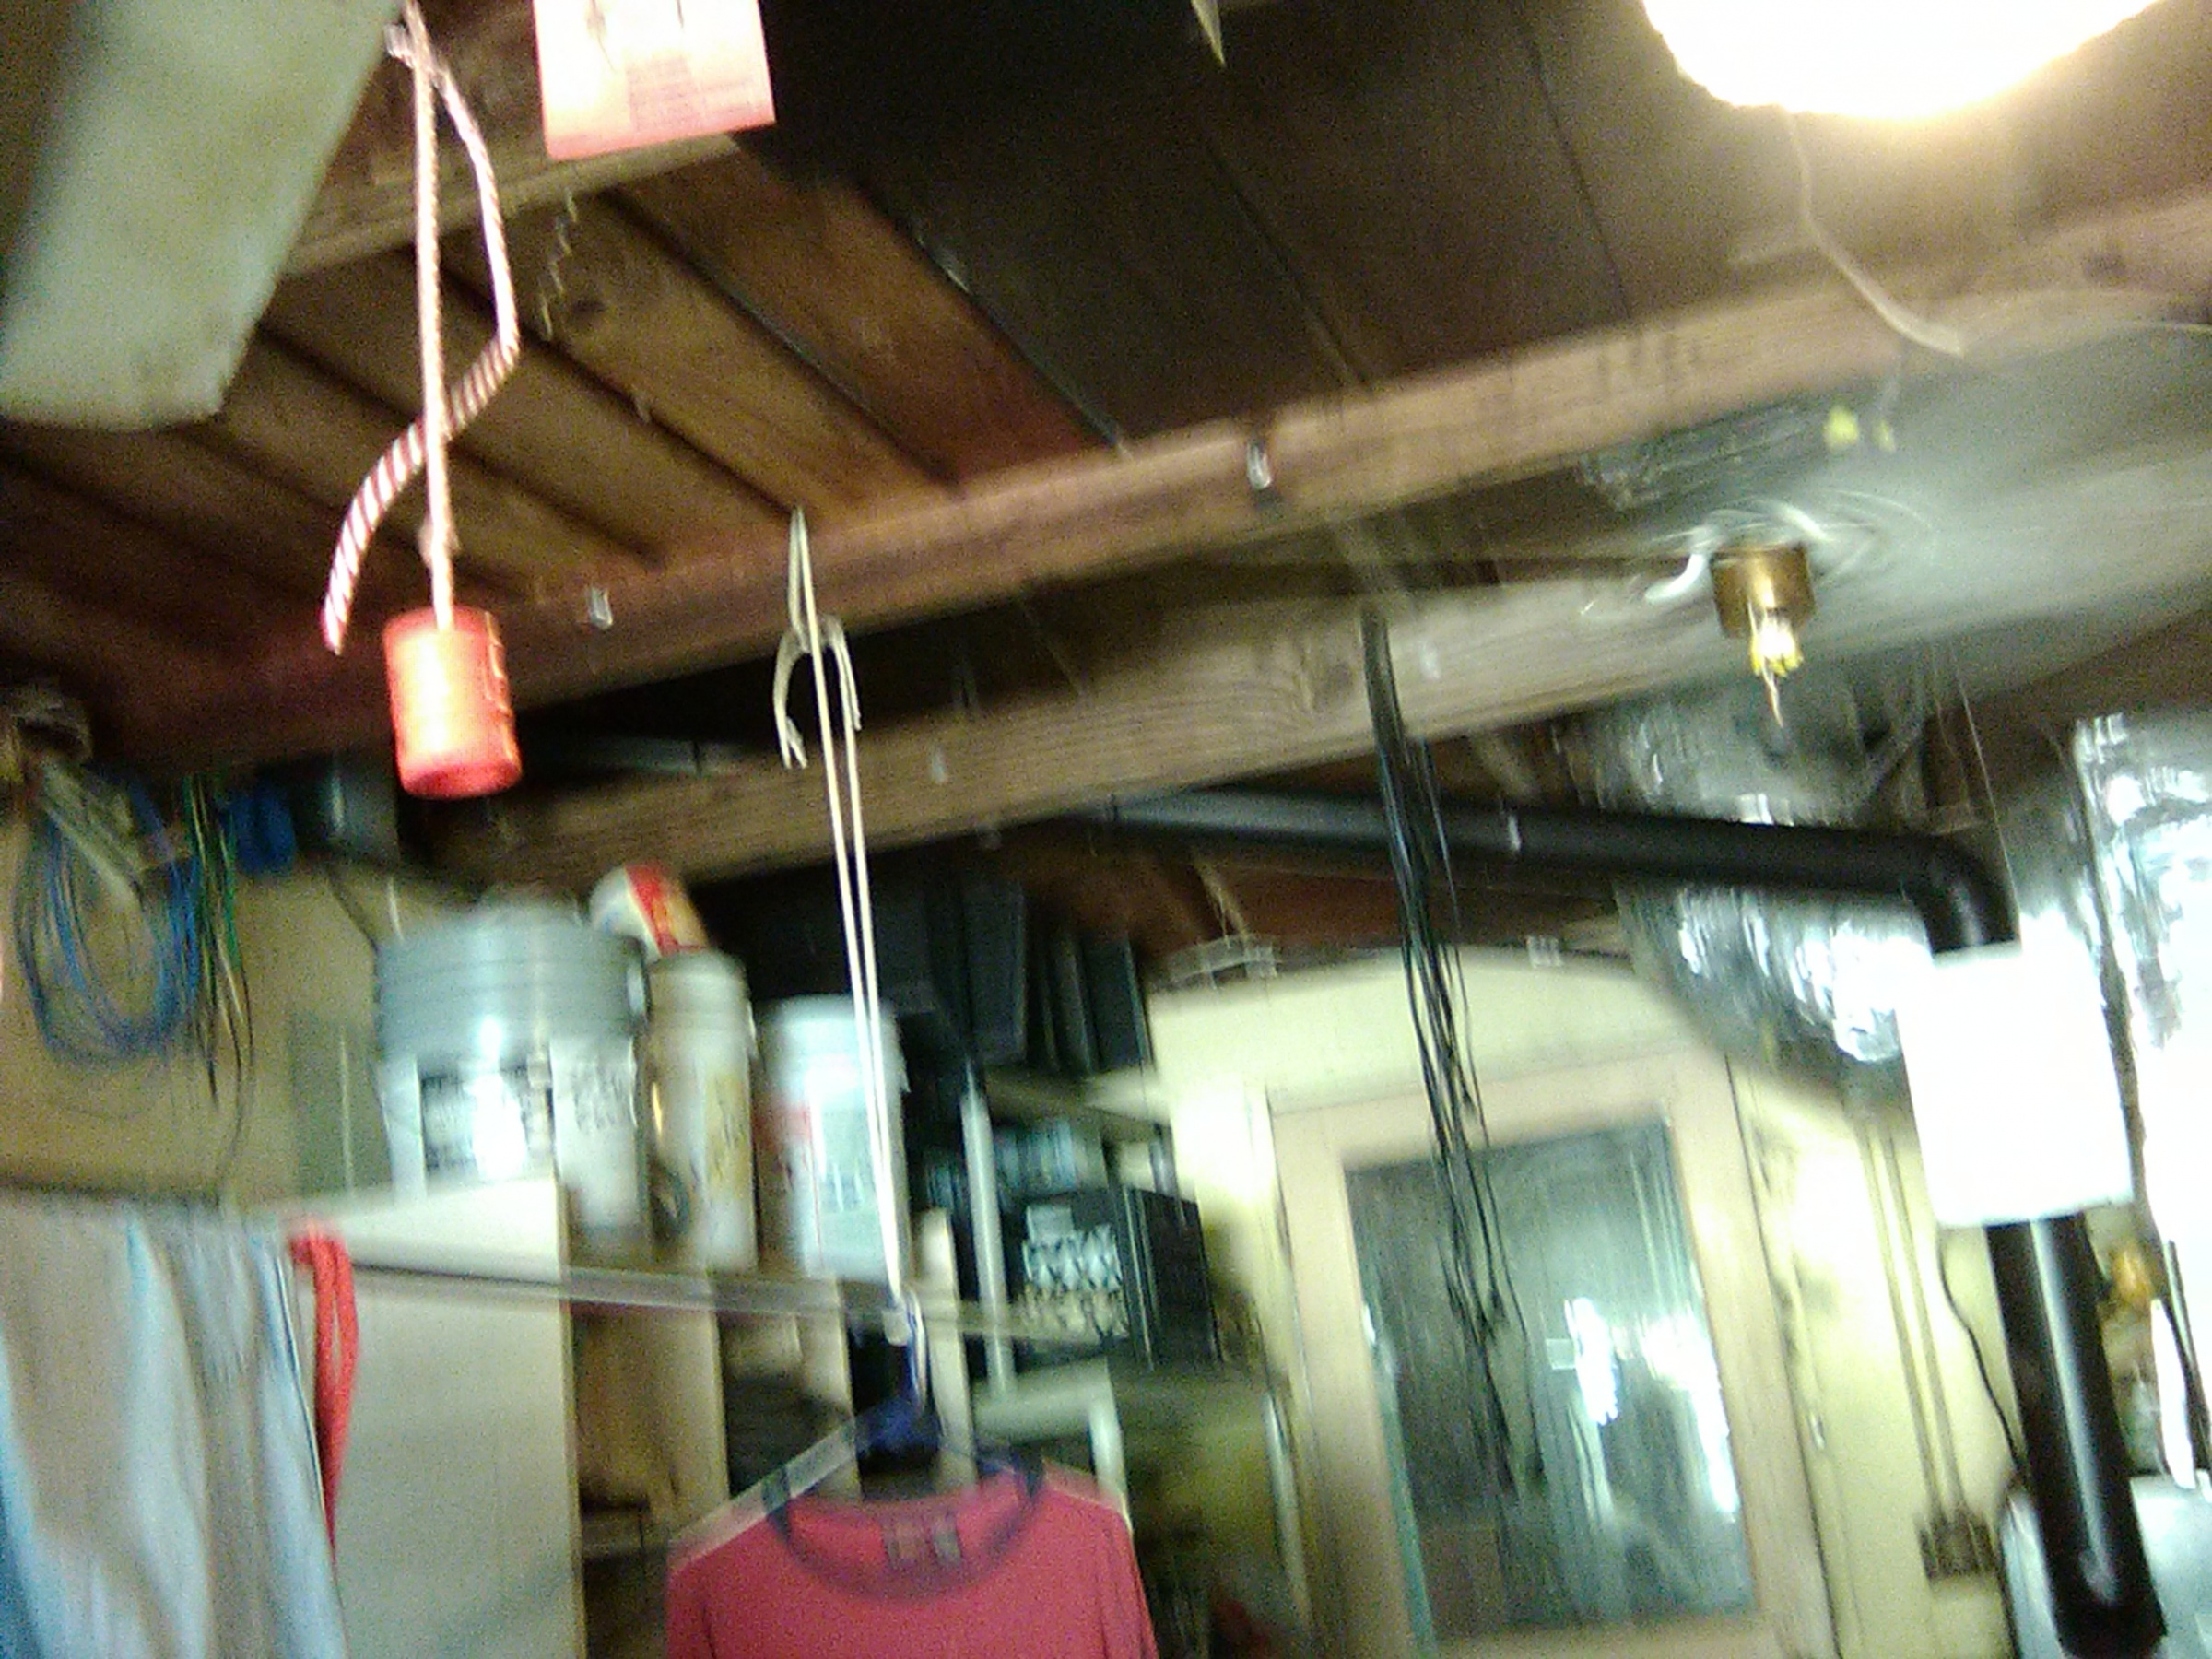 chimney leaks in rain, why?-img_20190121_120622.jpg